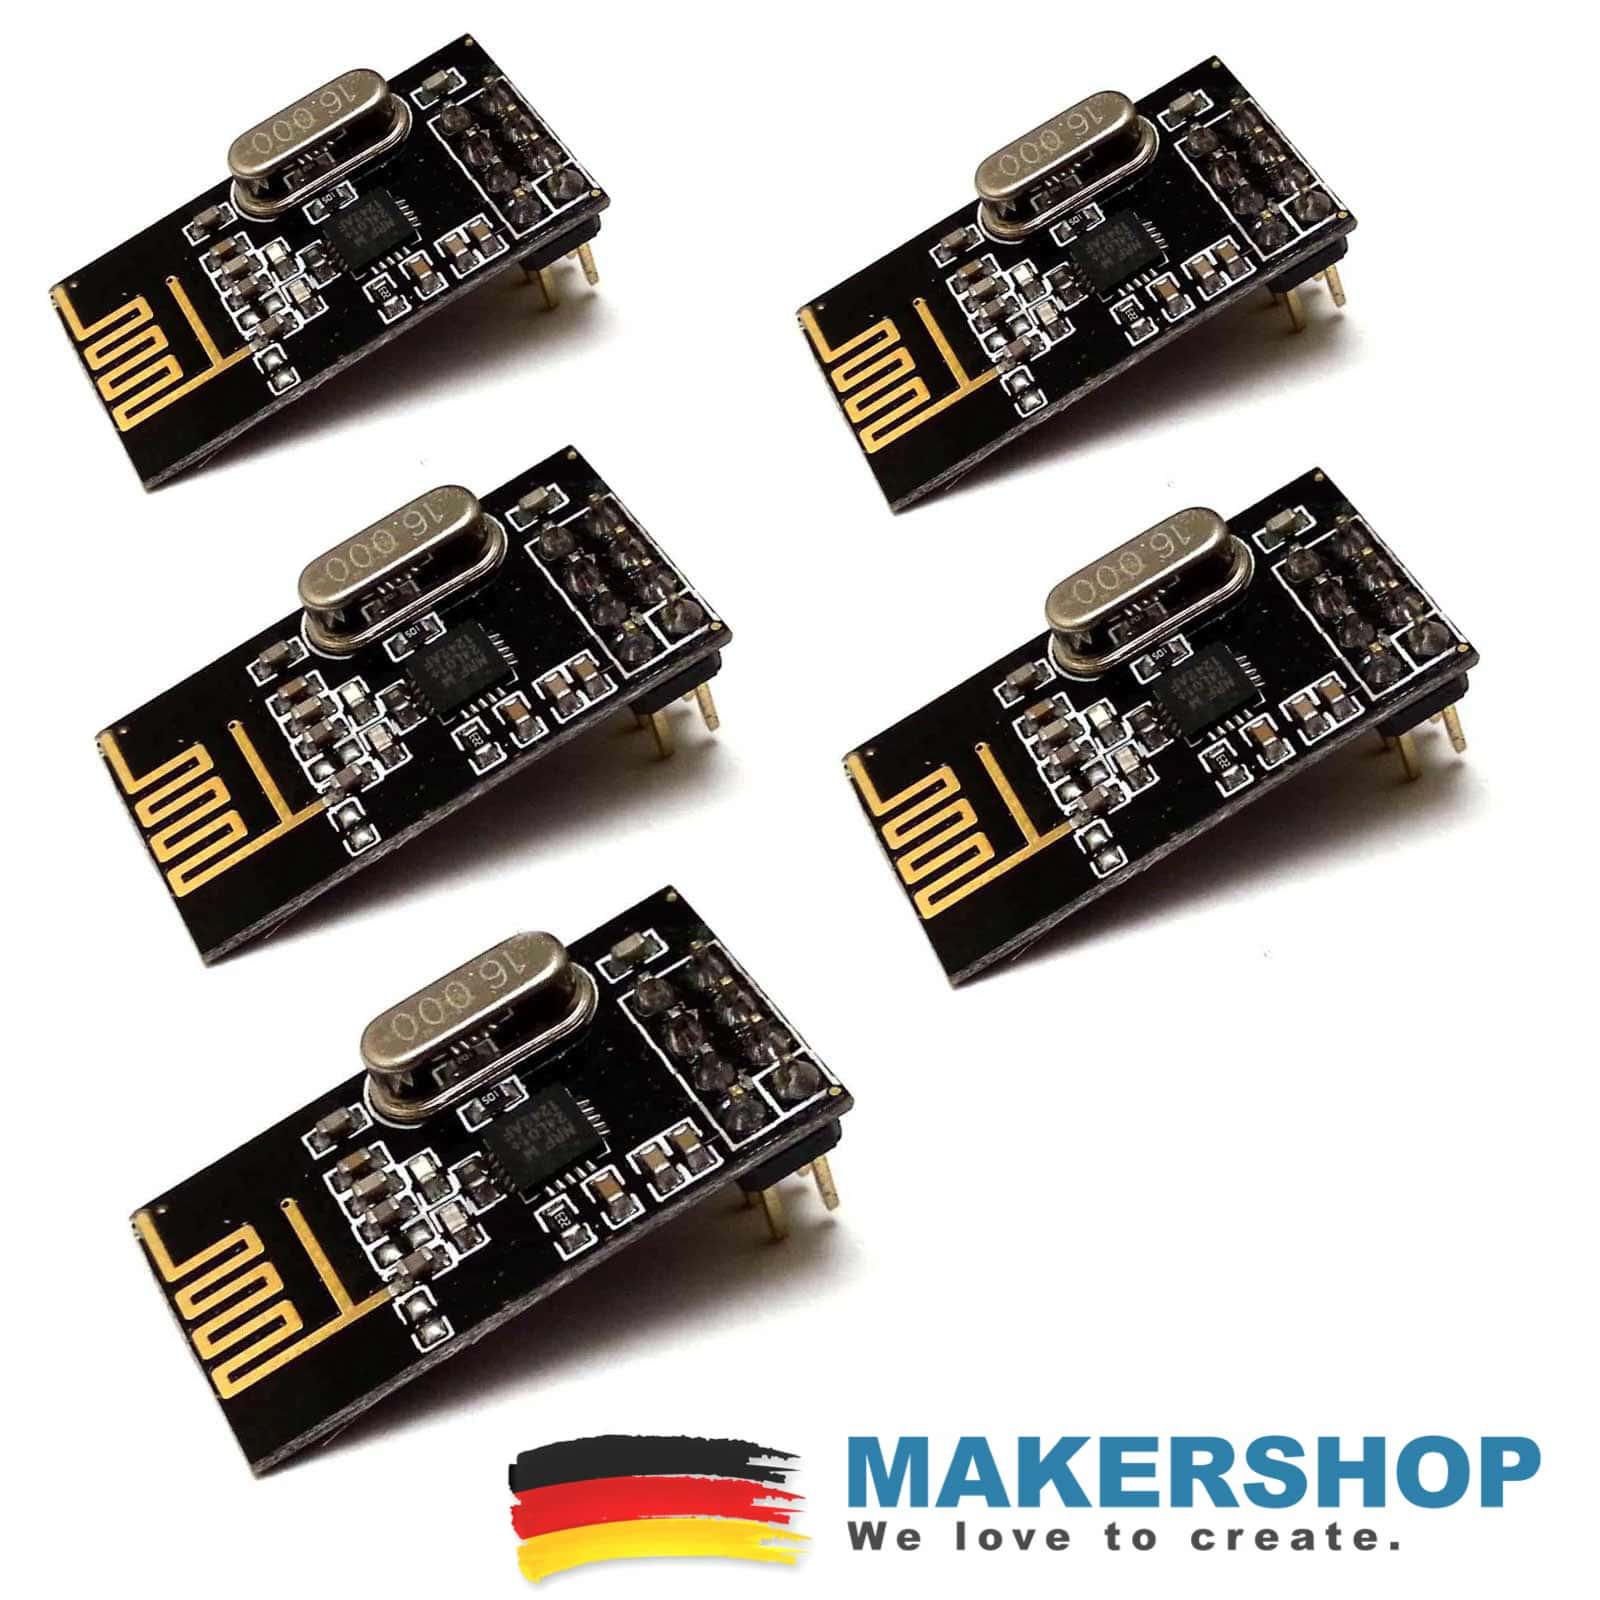 2,4 GHz Funkmodul Transceiver Sender Empfänger Arduino Raspberry Pi 5x NRF24L01